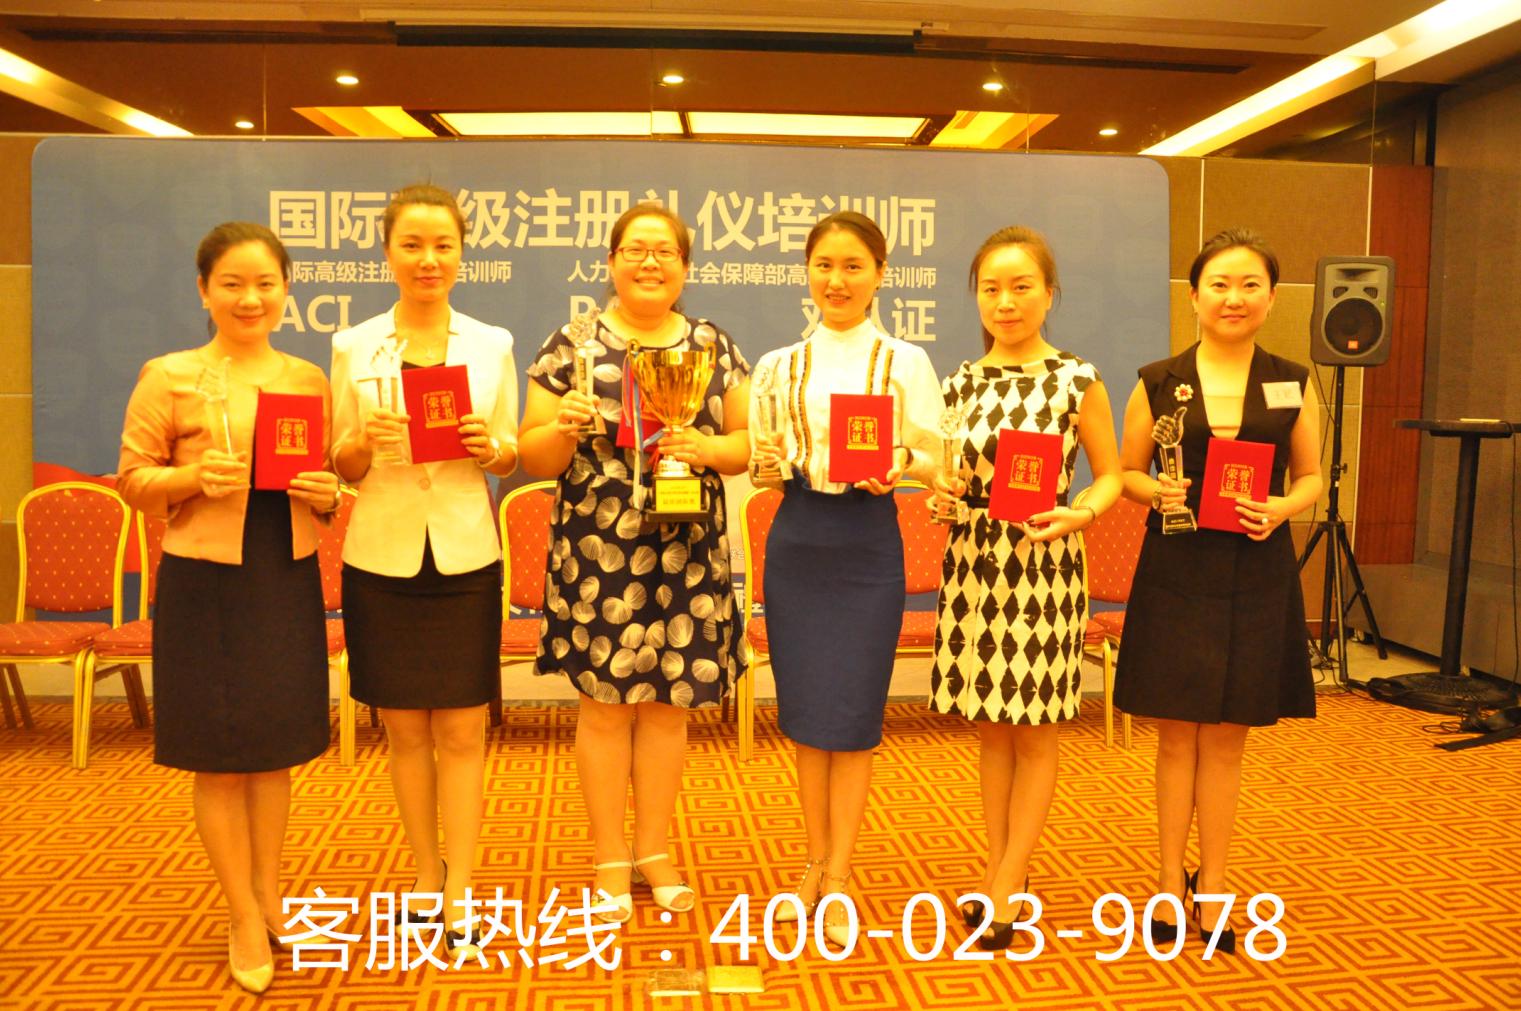 上海礼节培训师-ACI礼节培训课程-上海海纳川教诲科技无限公司